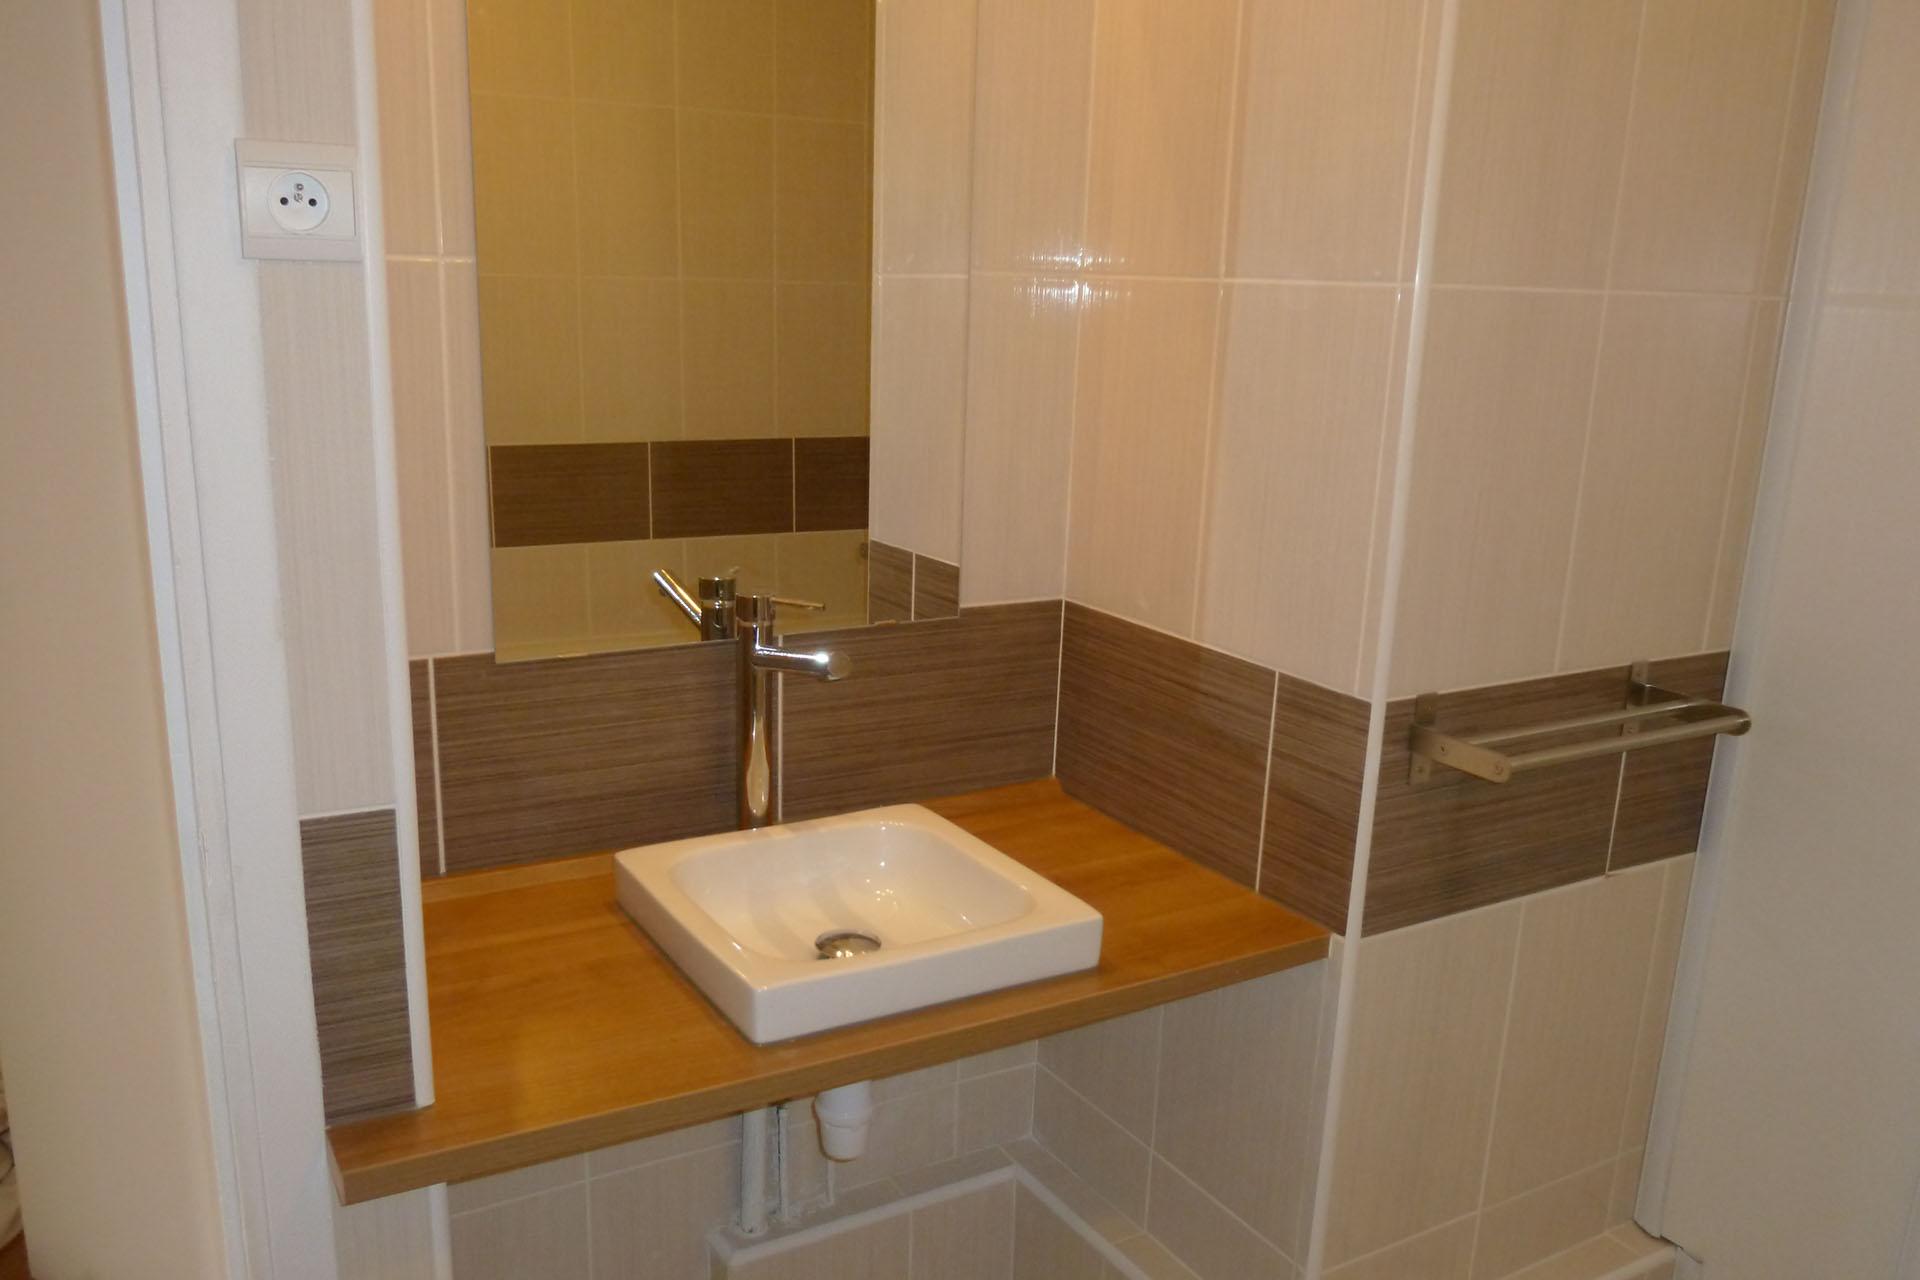 Paris r nov entreprise de r novation salle de bain paris for Renovation salle de bain